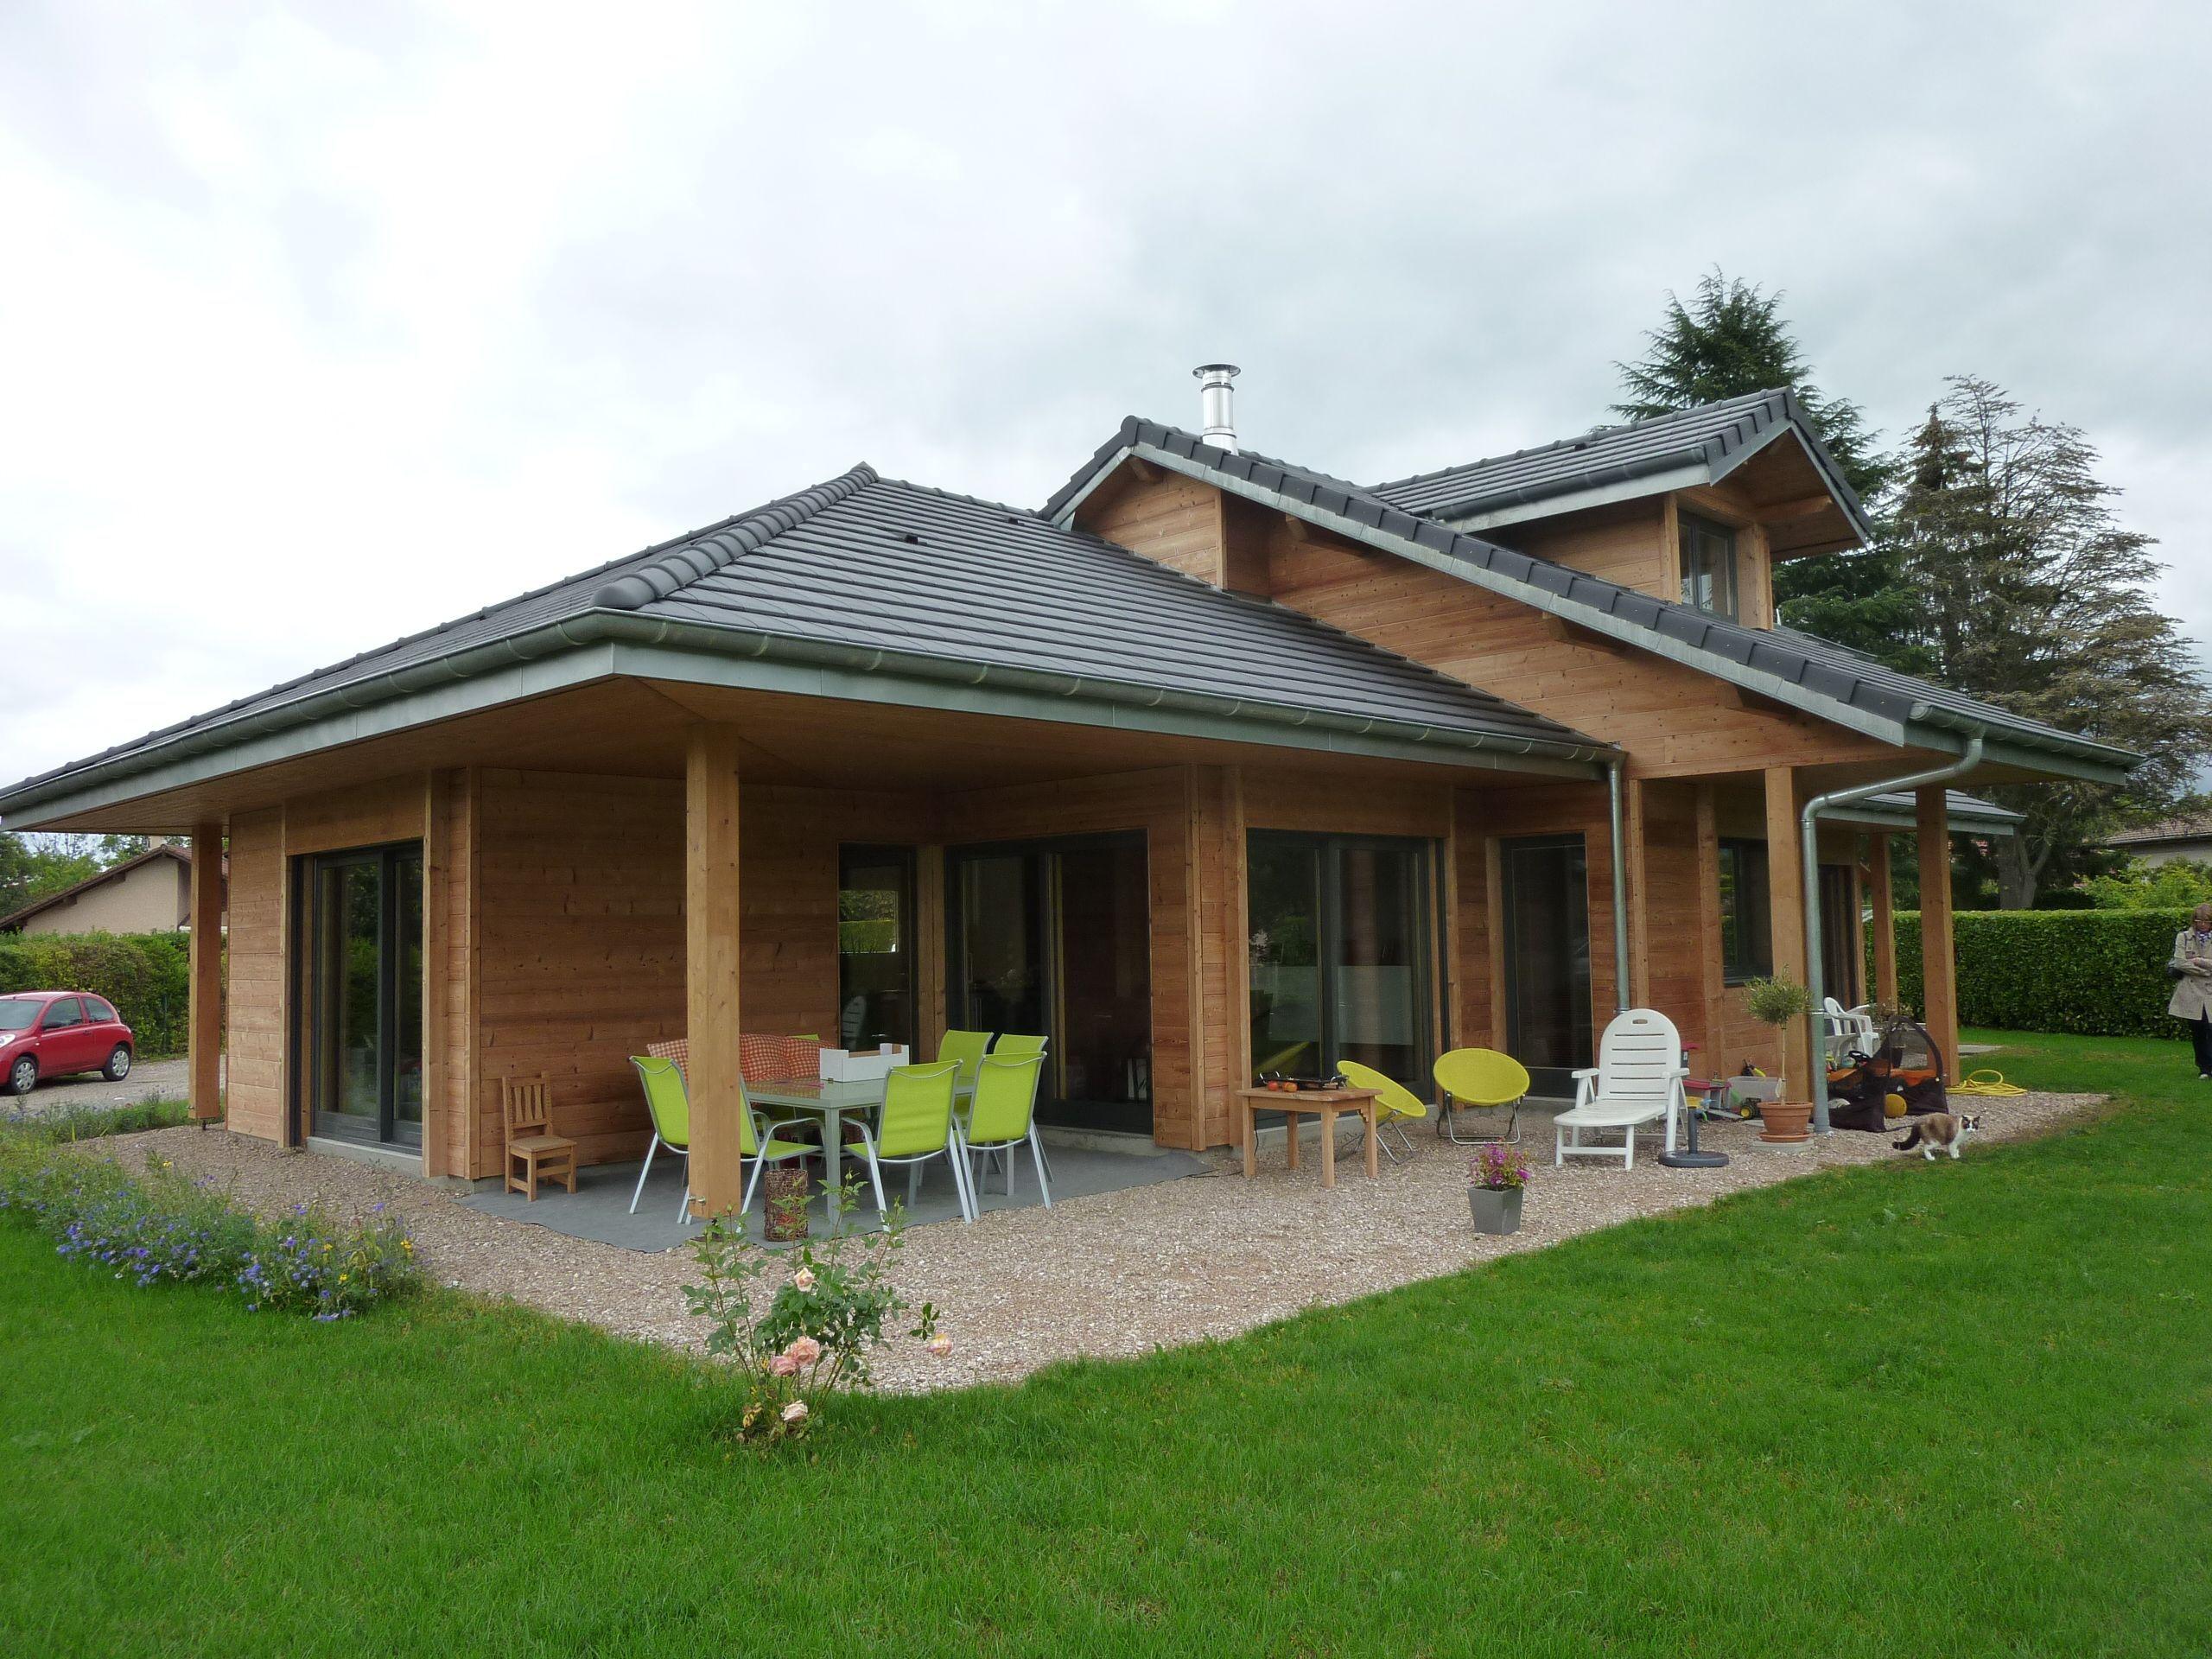 Plans et photos de mod¨les de maisons bois contemporaines